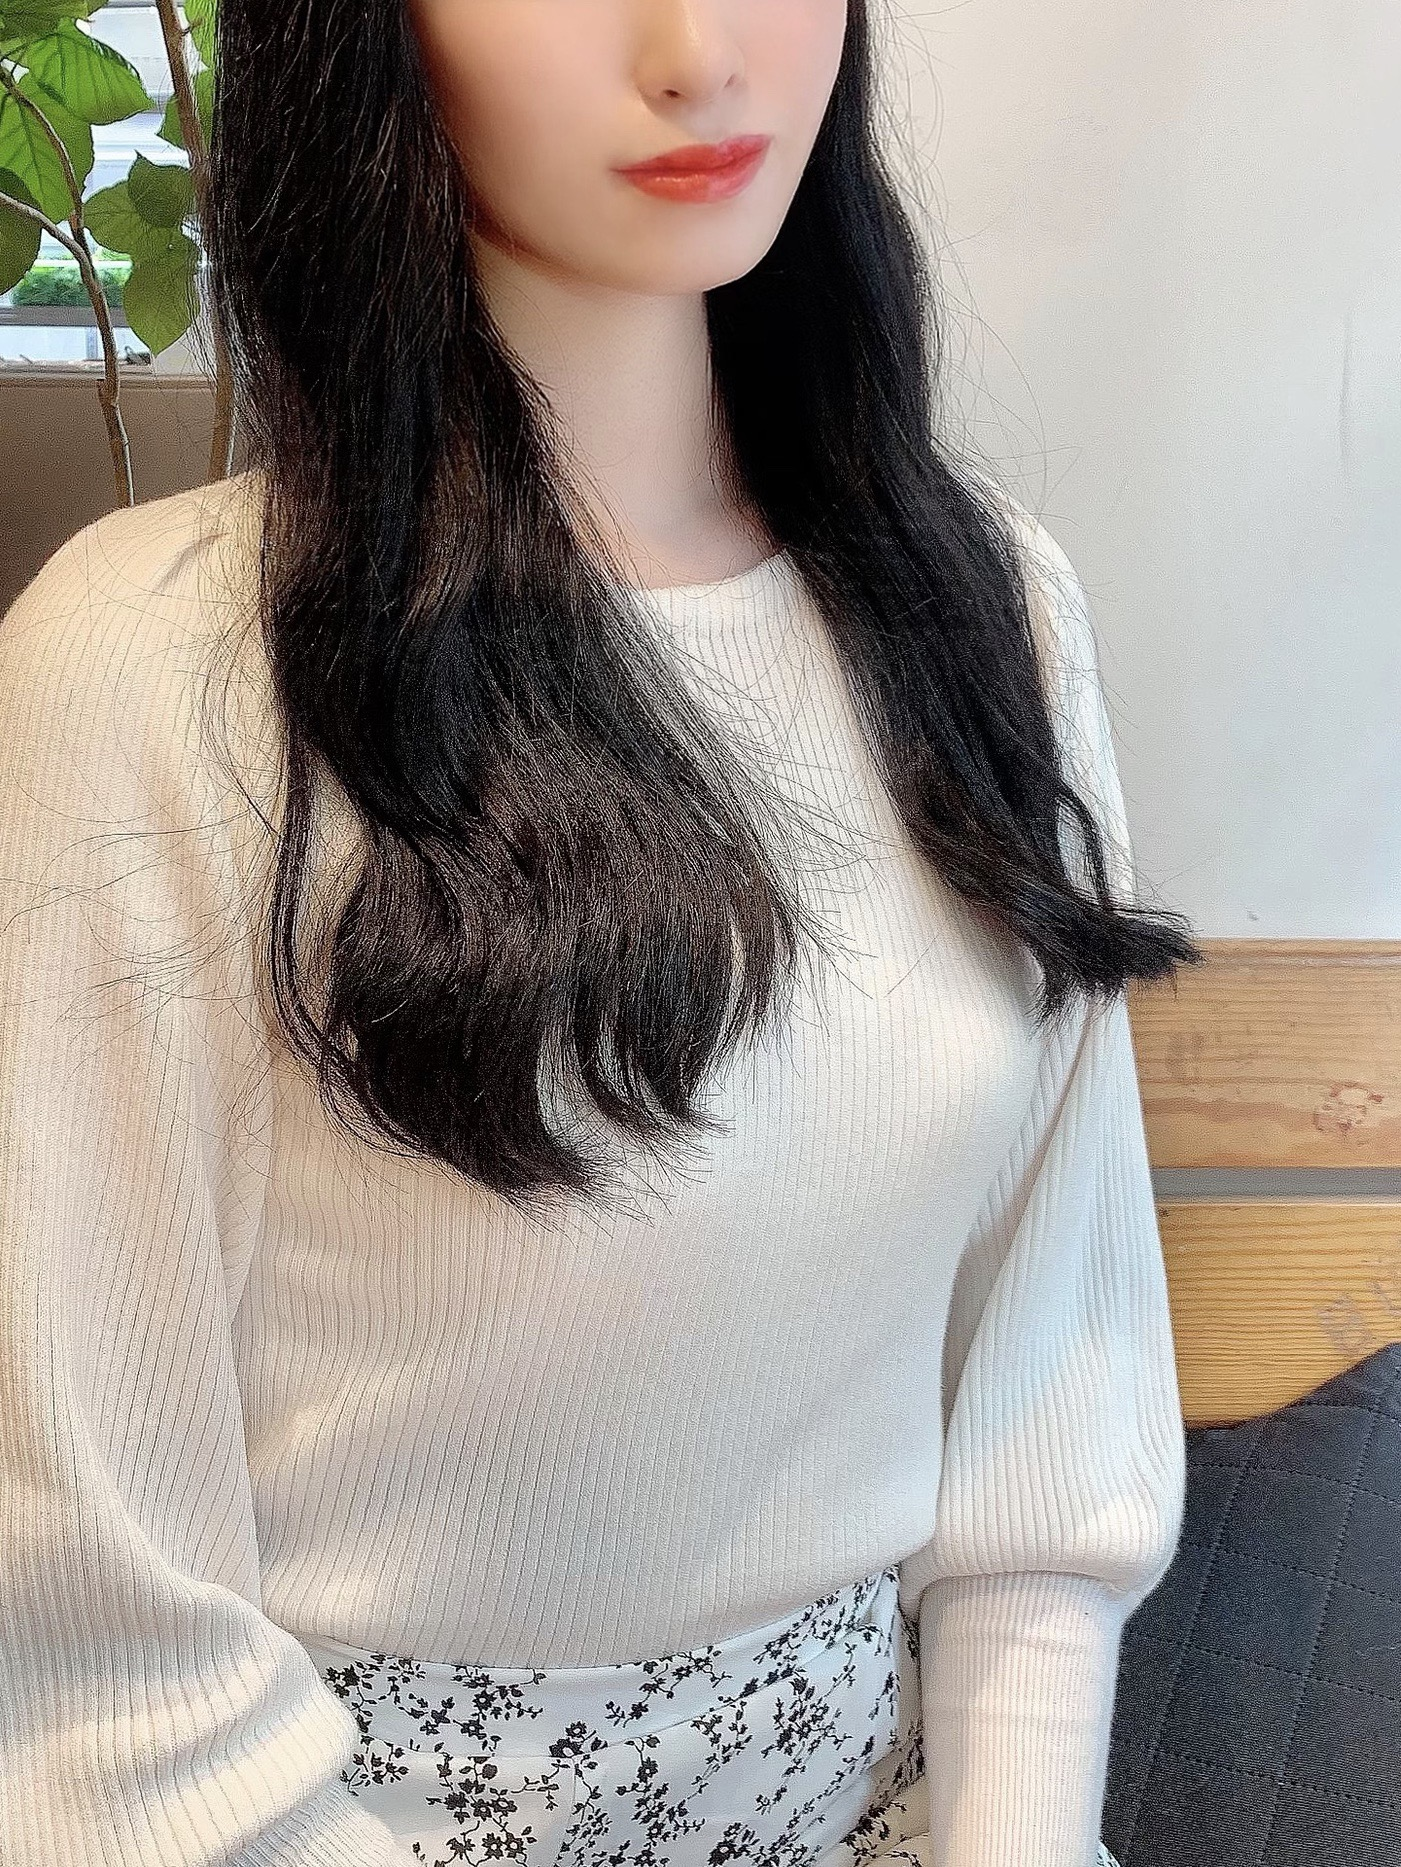 高級デリヘル|江夏 美耶